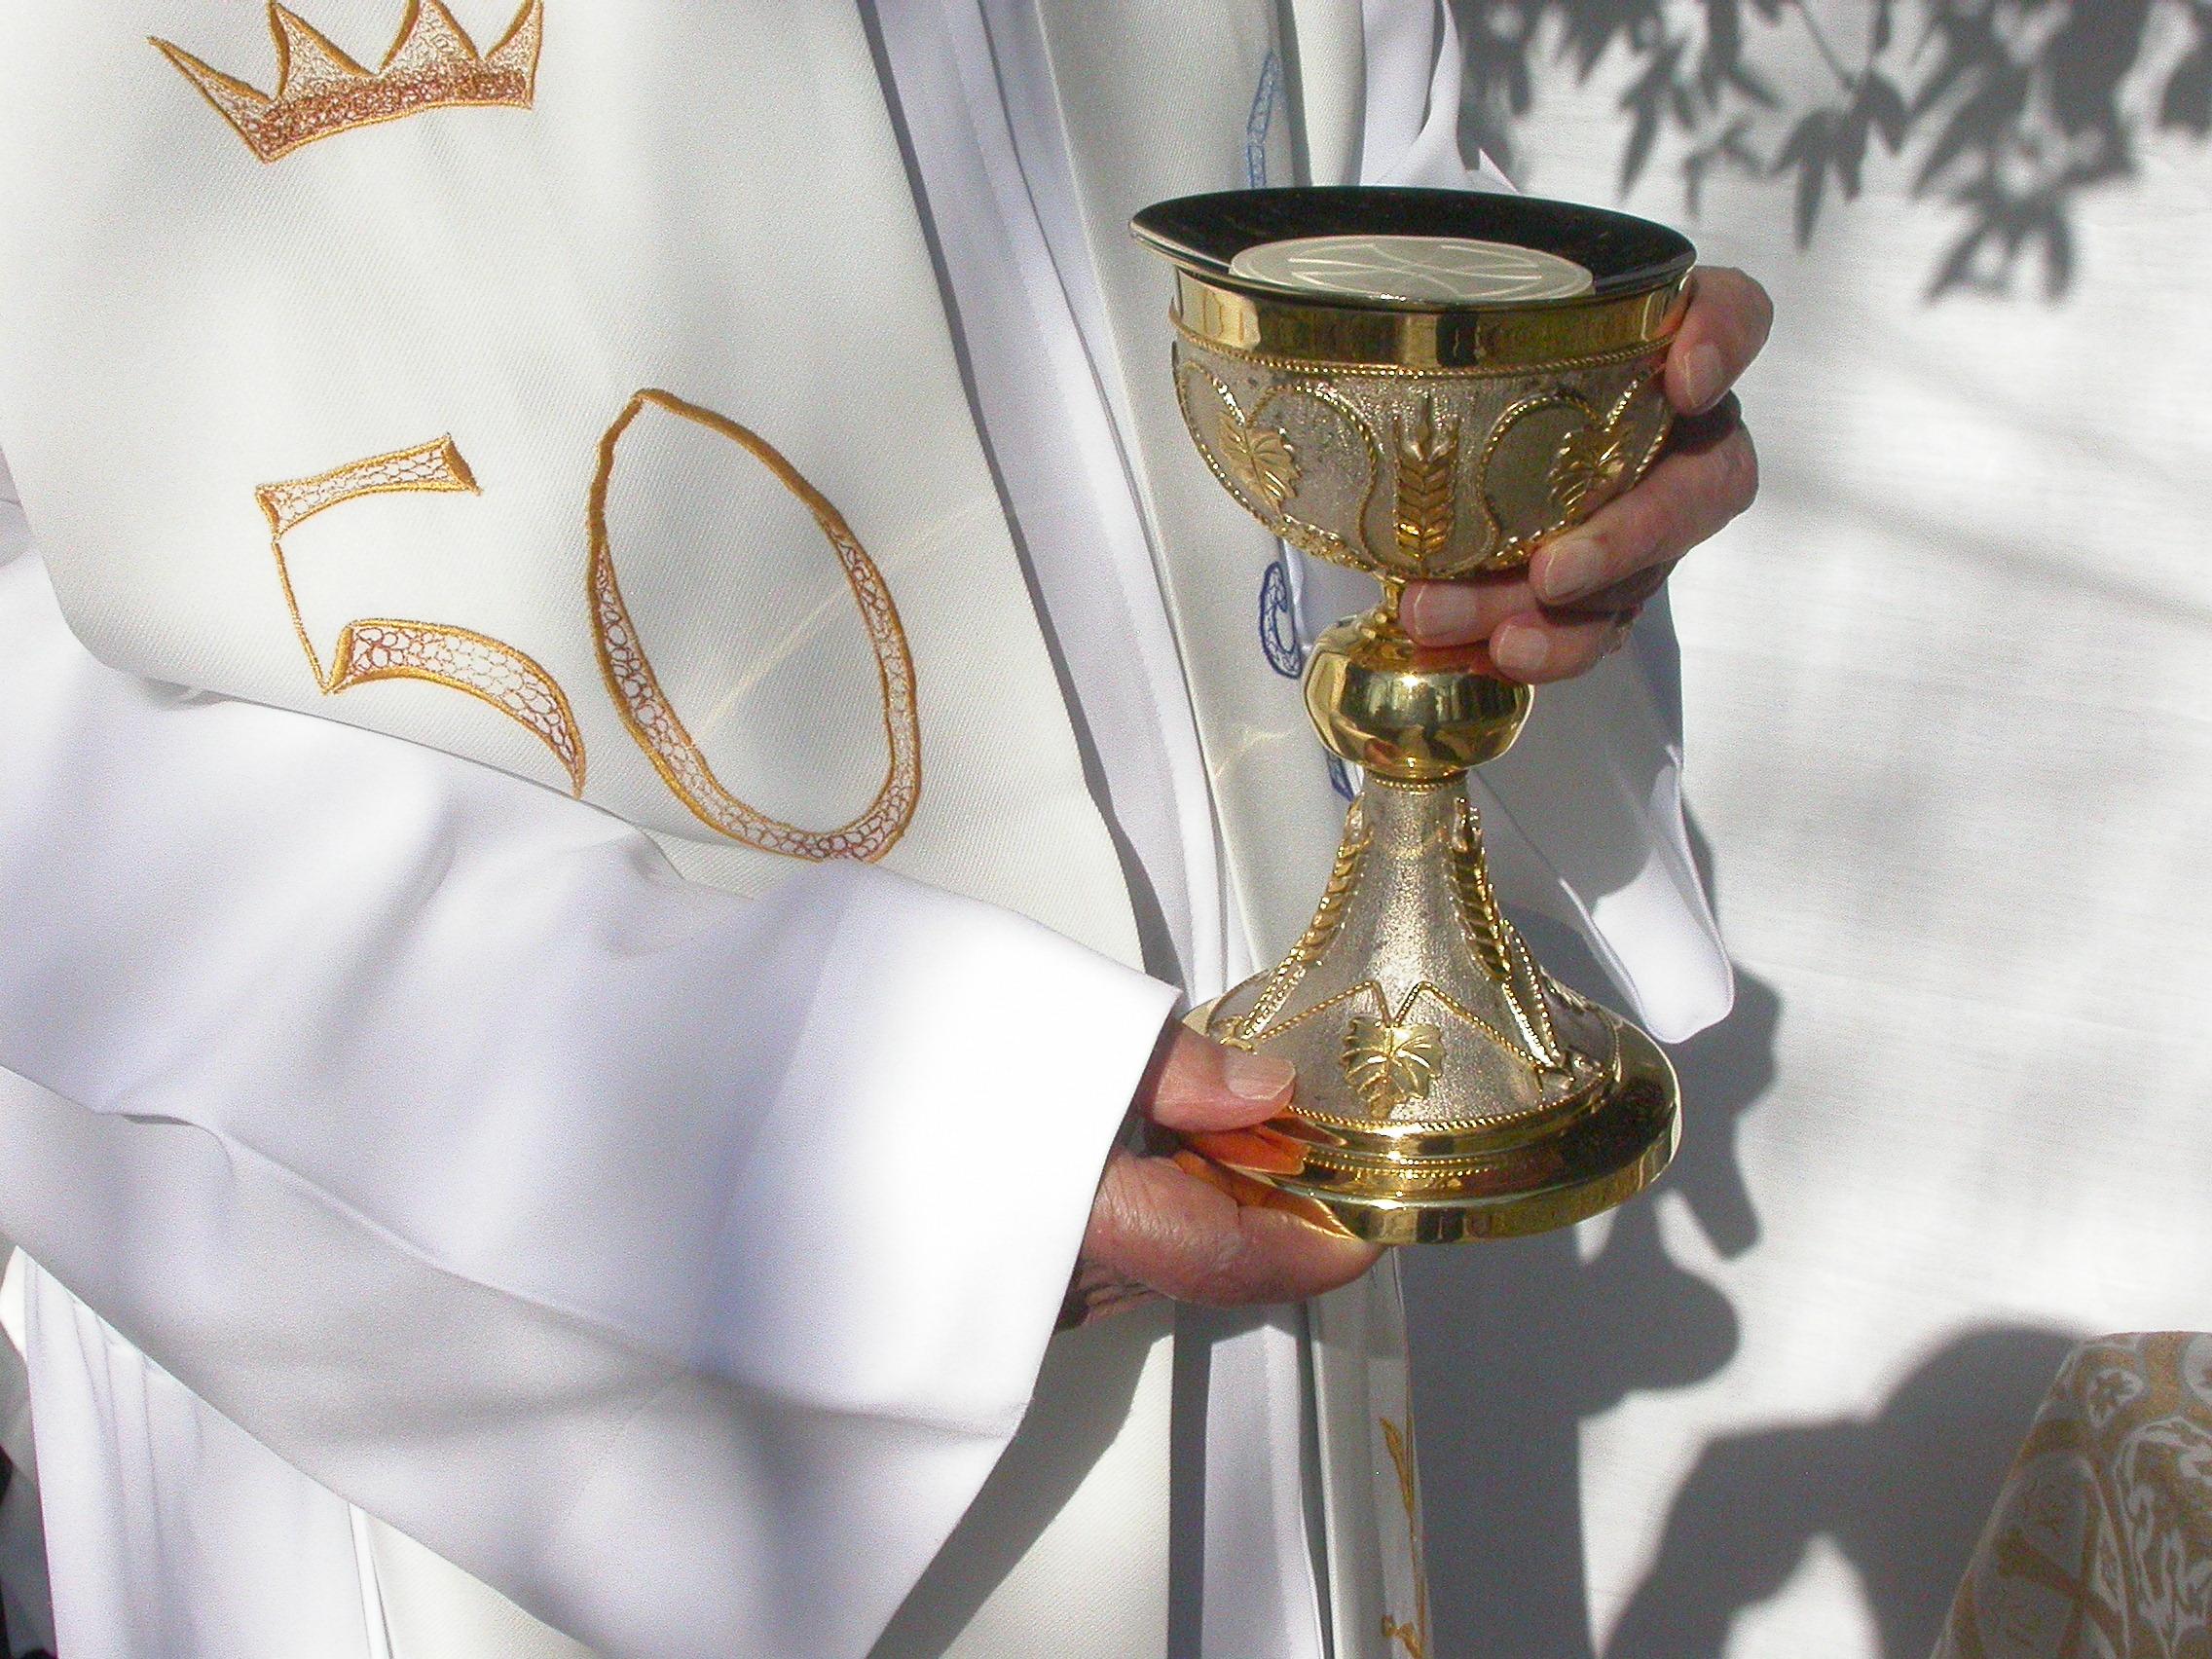 Forlì: il vescovo benedice la nuova scuola elementare. E' polemica